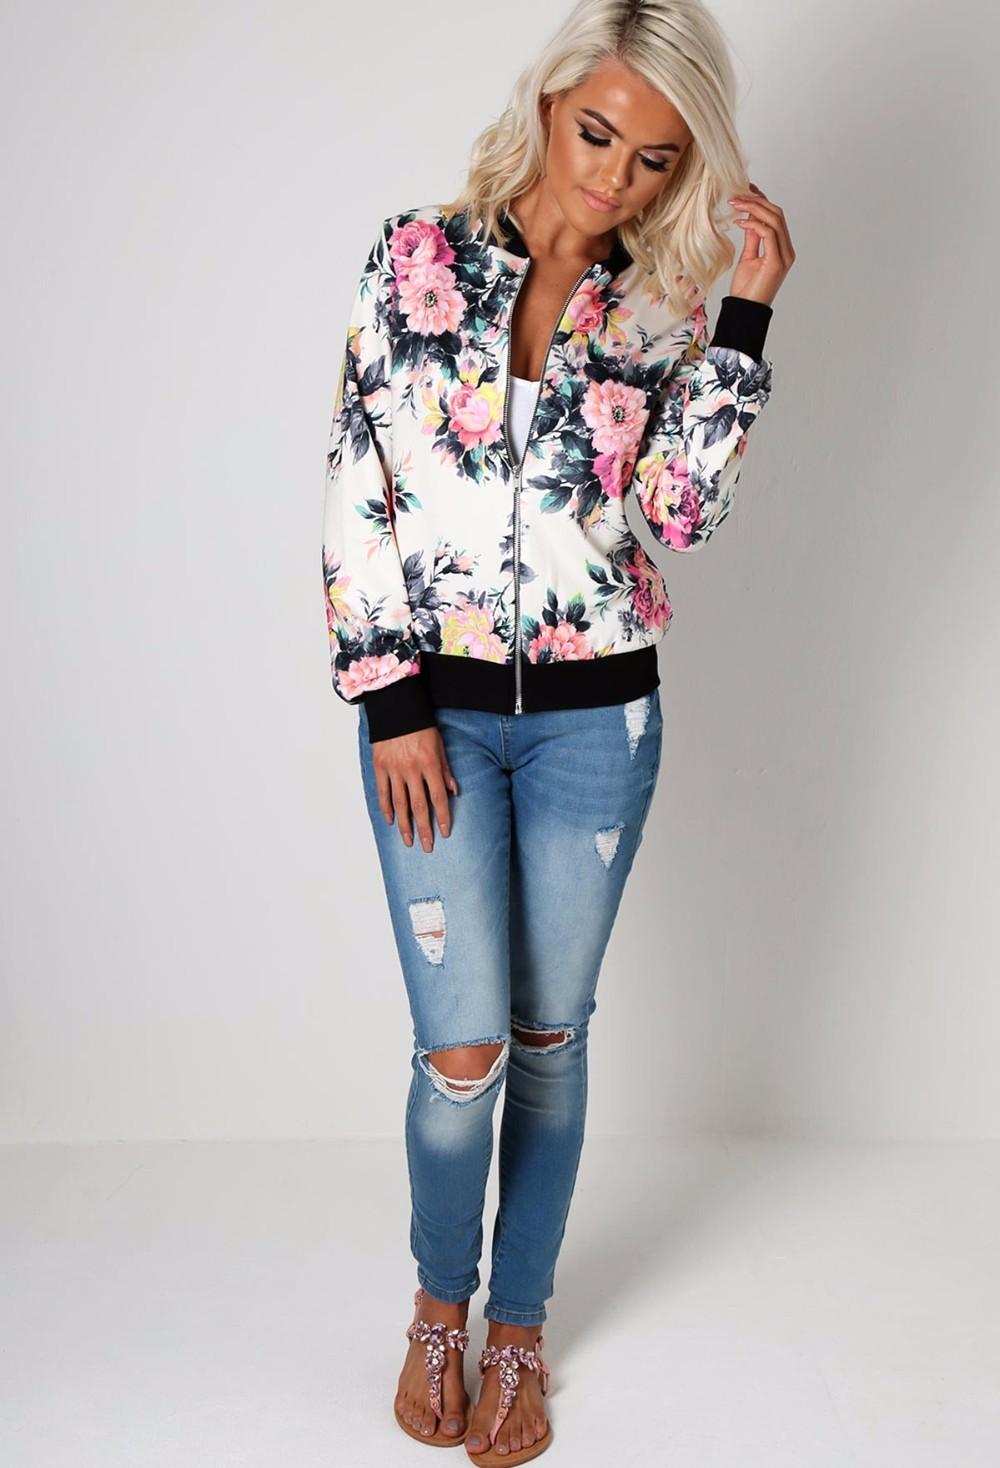 Kwiat Drukuj Kobiety Podstawowe Płaszcze Długim Rękawem Zipper Bomber Jacket Casual Kurtka Płaszcz Jesień Zima Streetwear sukajan 7